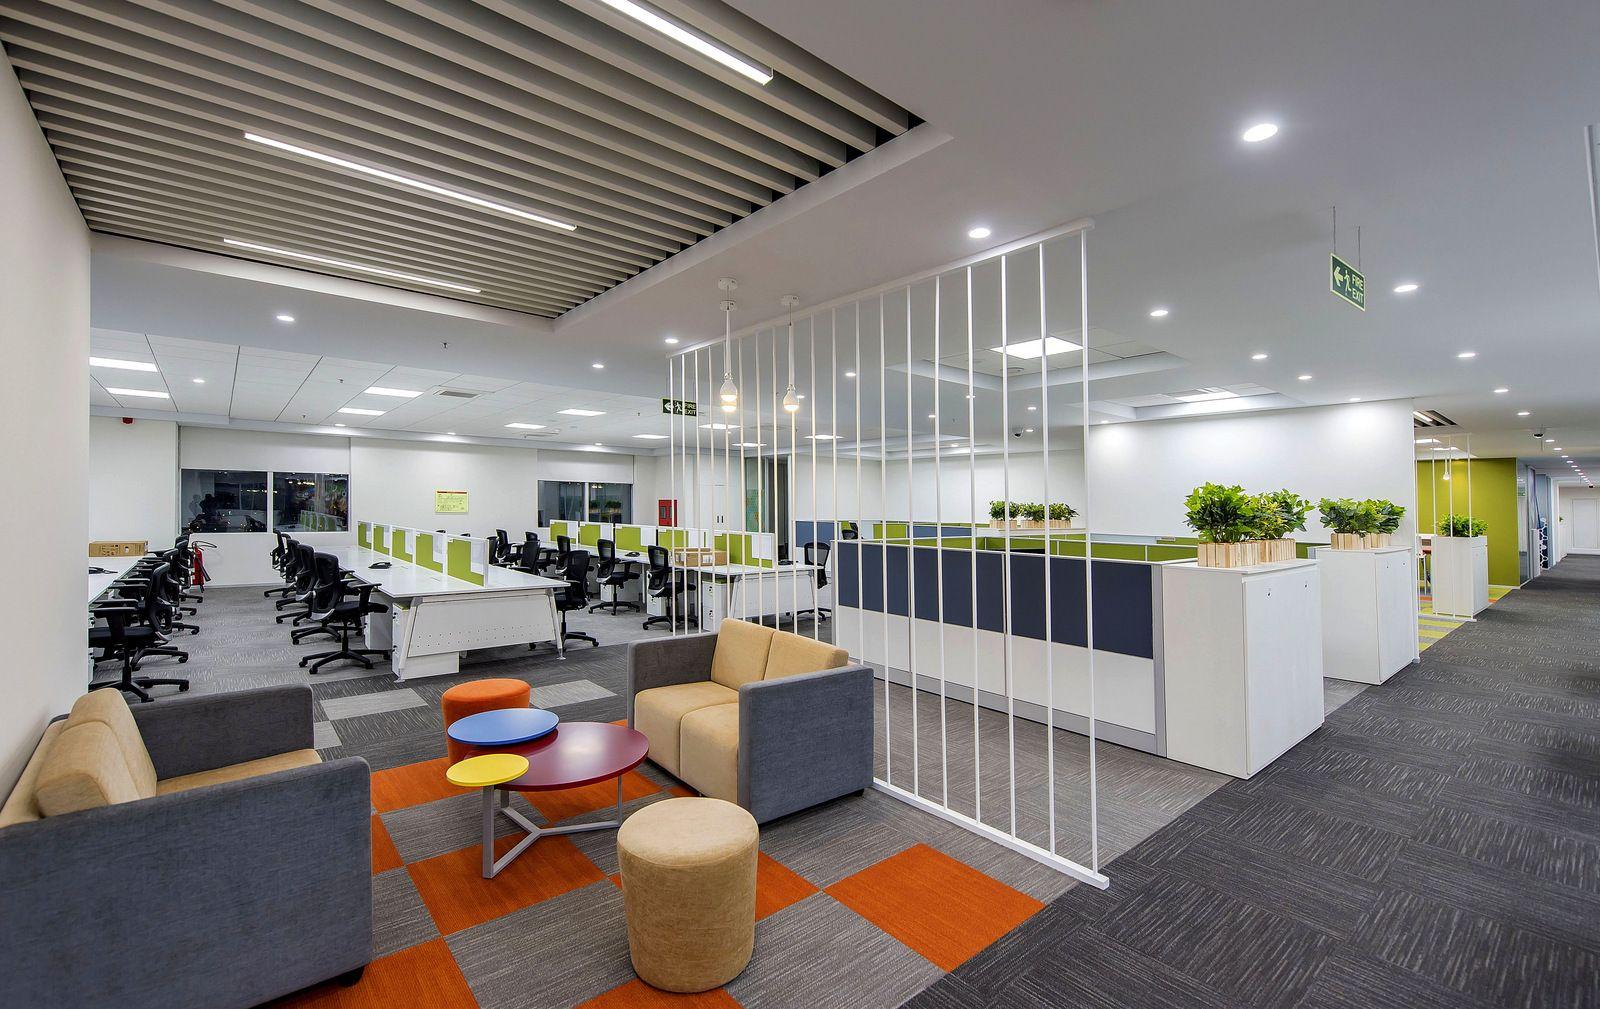 Sơn hiệu ứng Waldo-Văn phòng thiết kế phong cách thoải mái